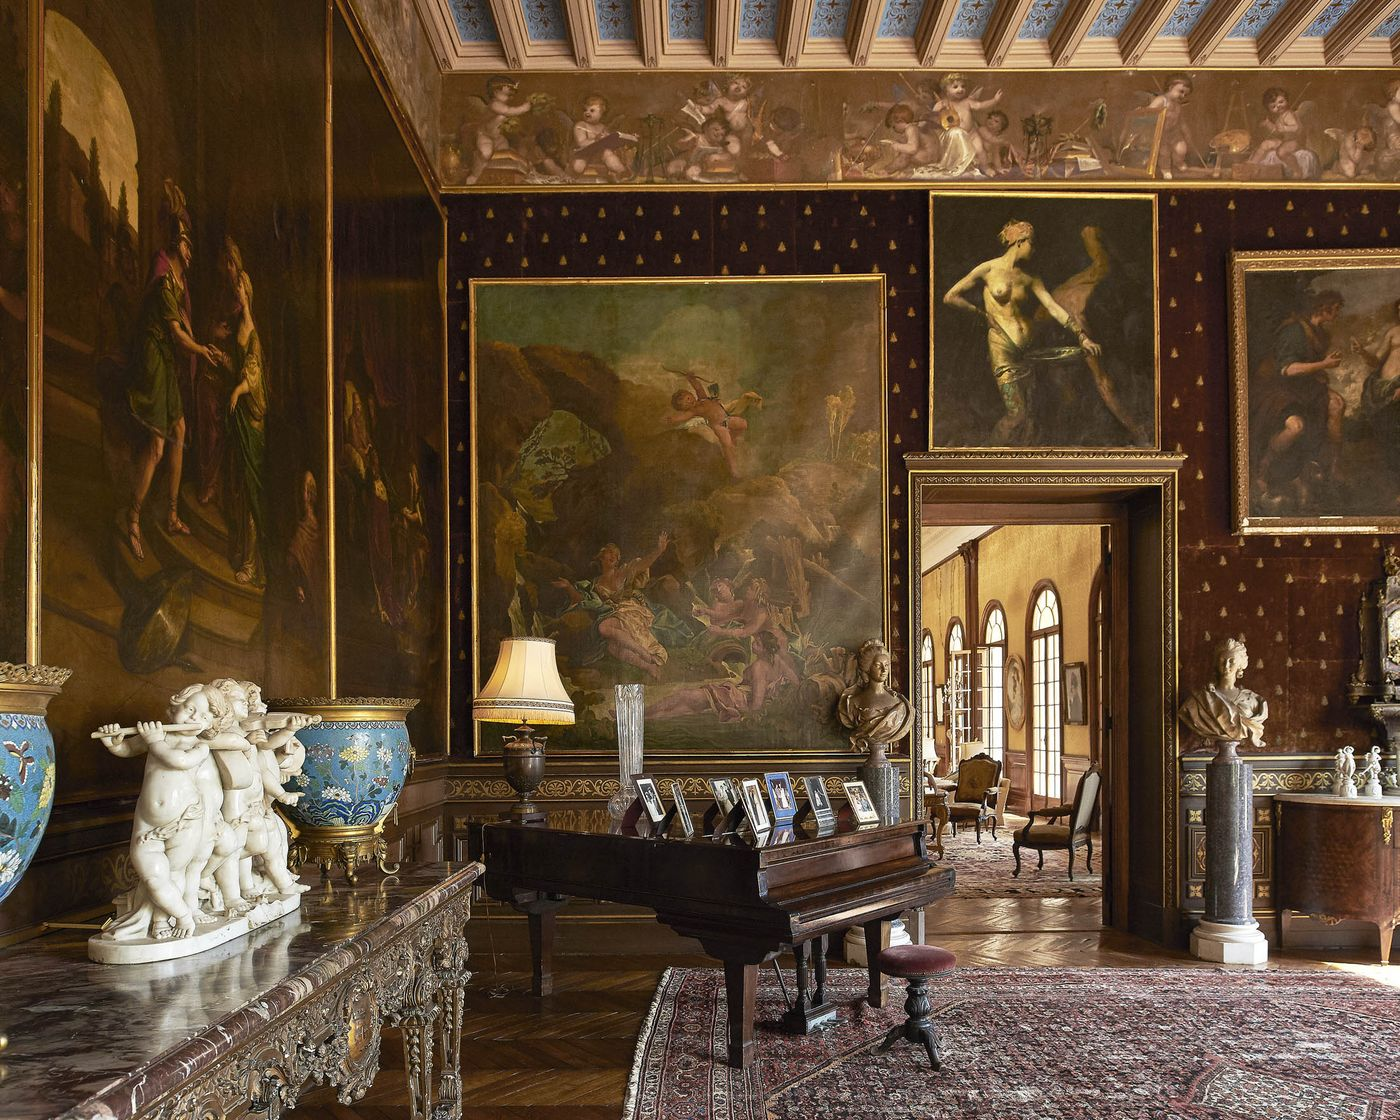 Một phòng khách lớn có thiết kế của thời kỳ hoàng kim Belle Epoque.